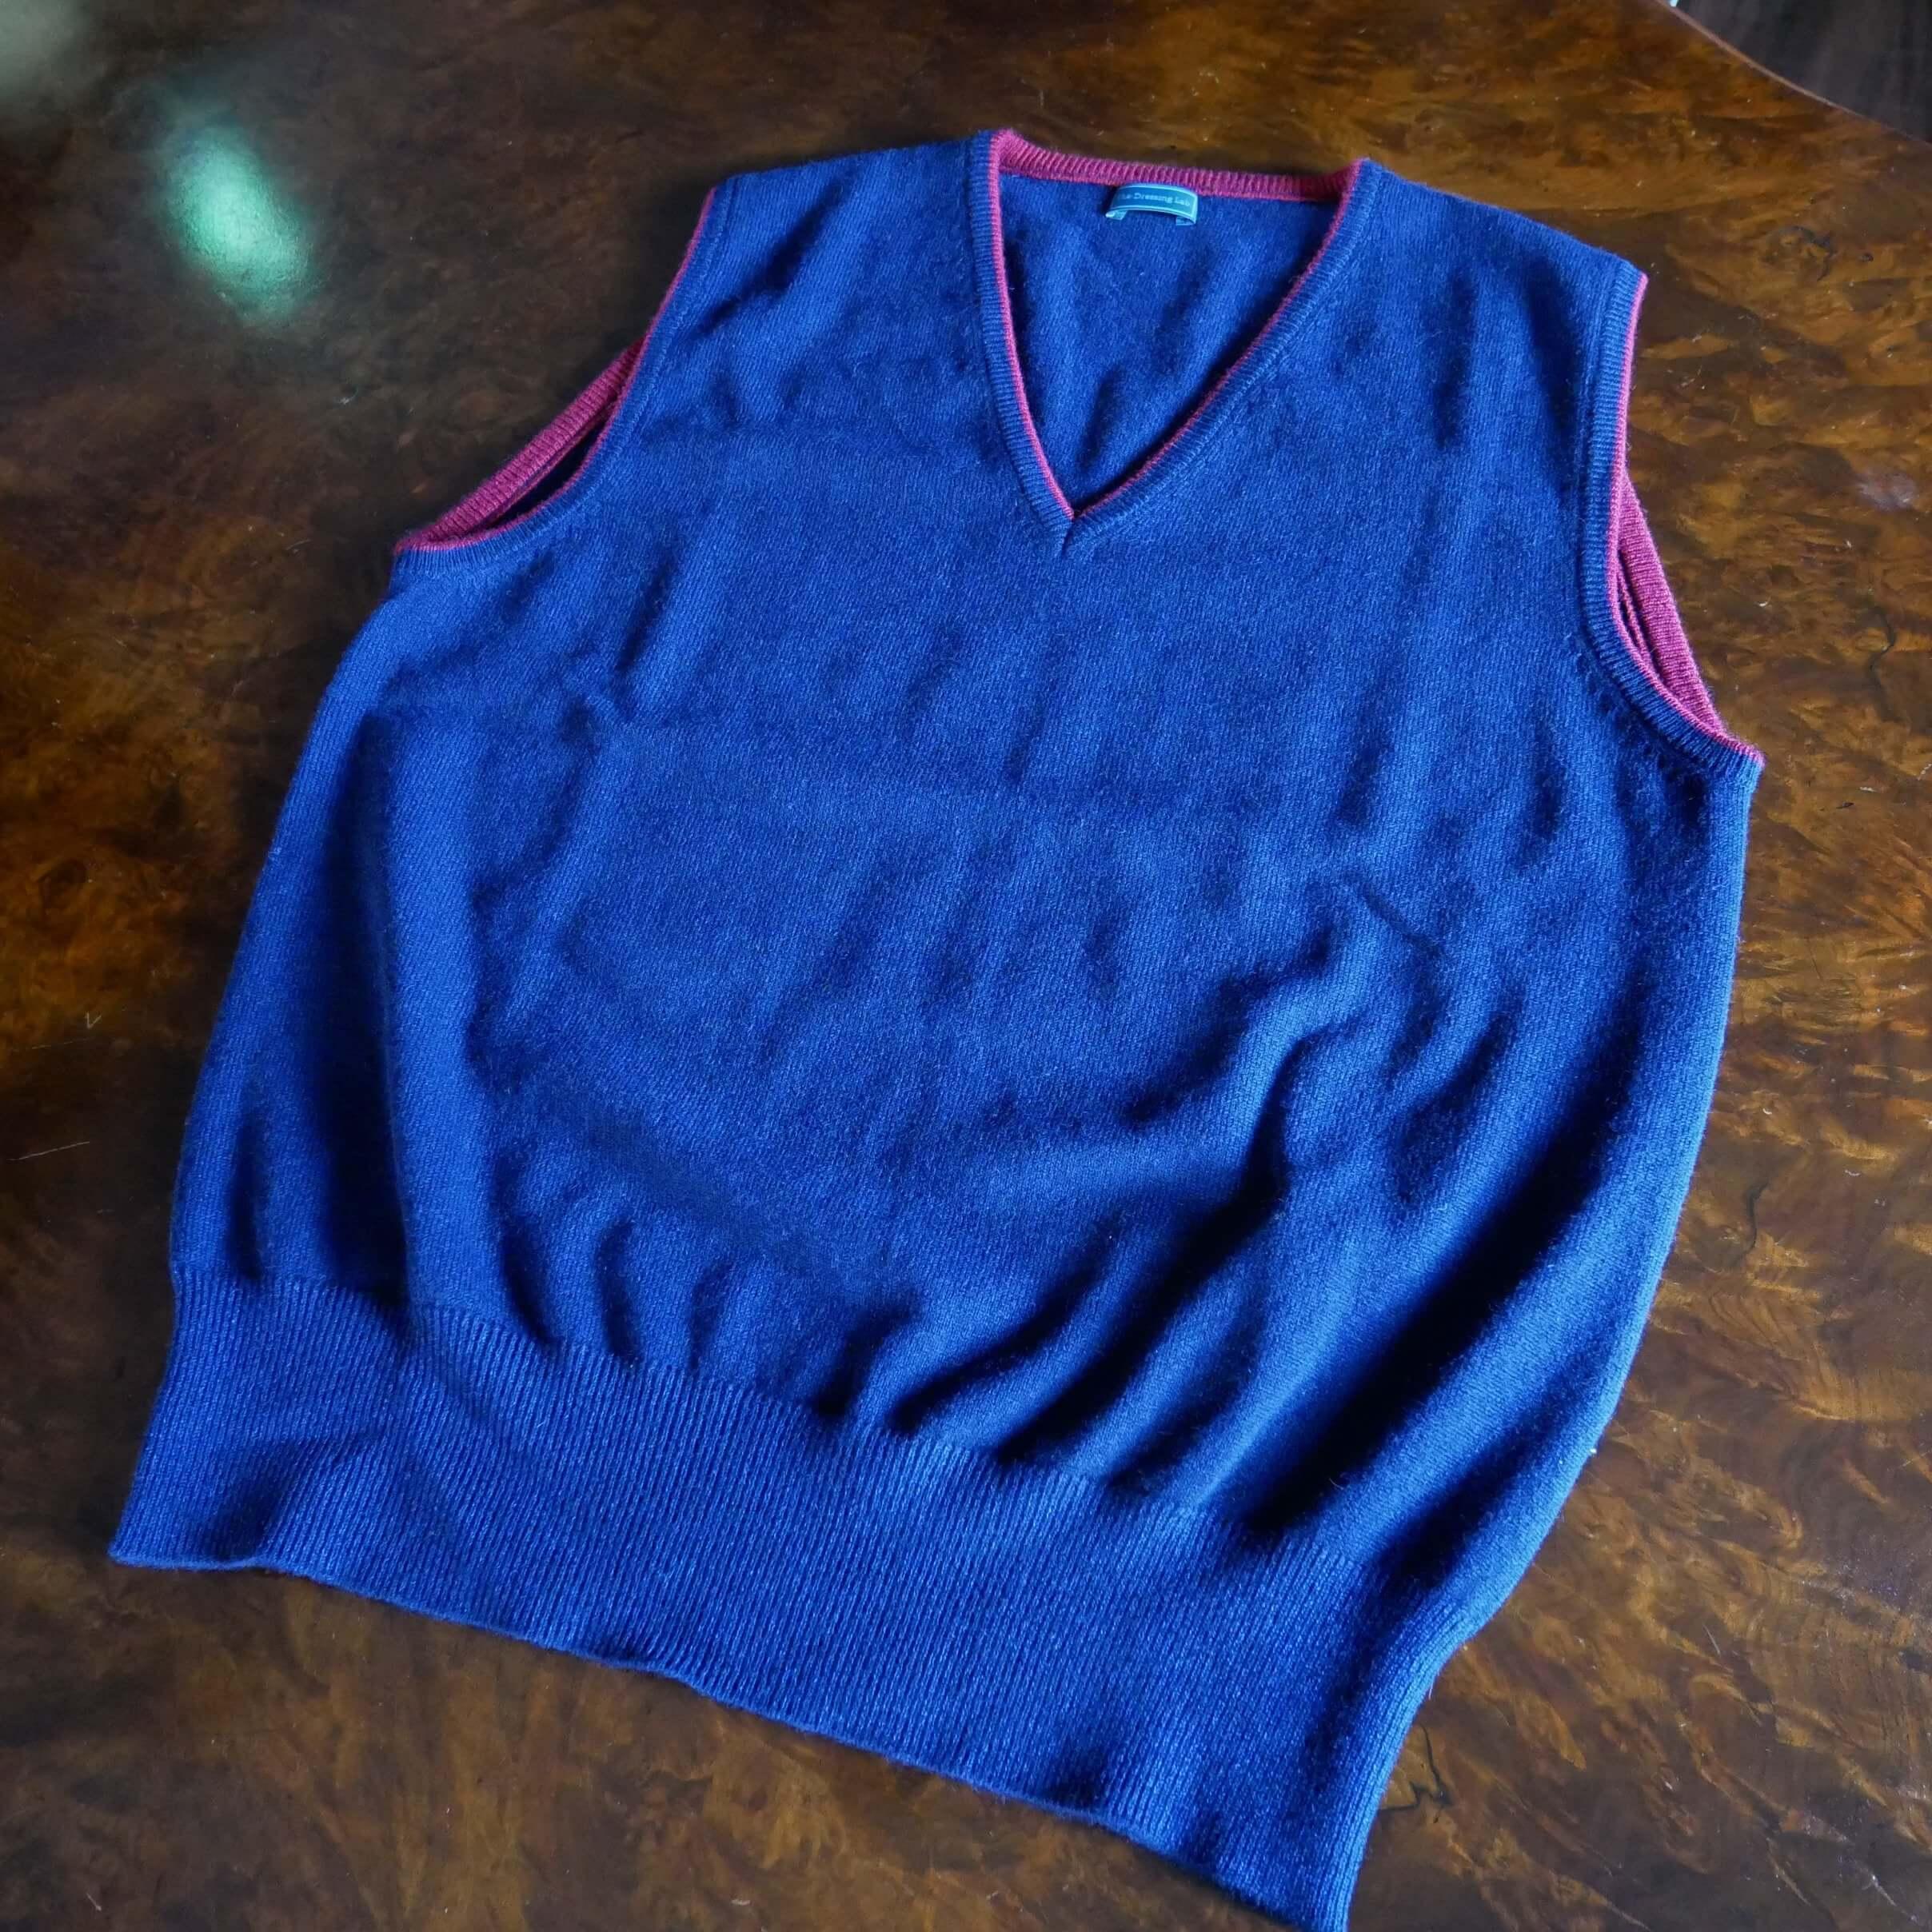 Knitwear_20201111_knitwear_13.jpg